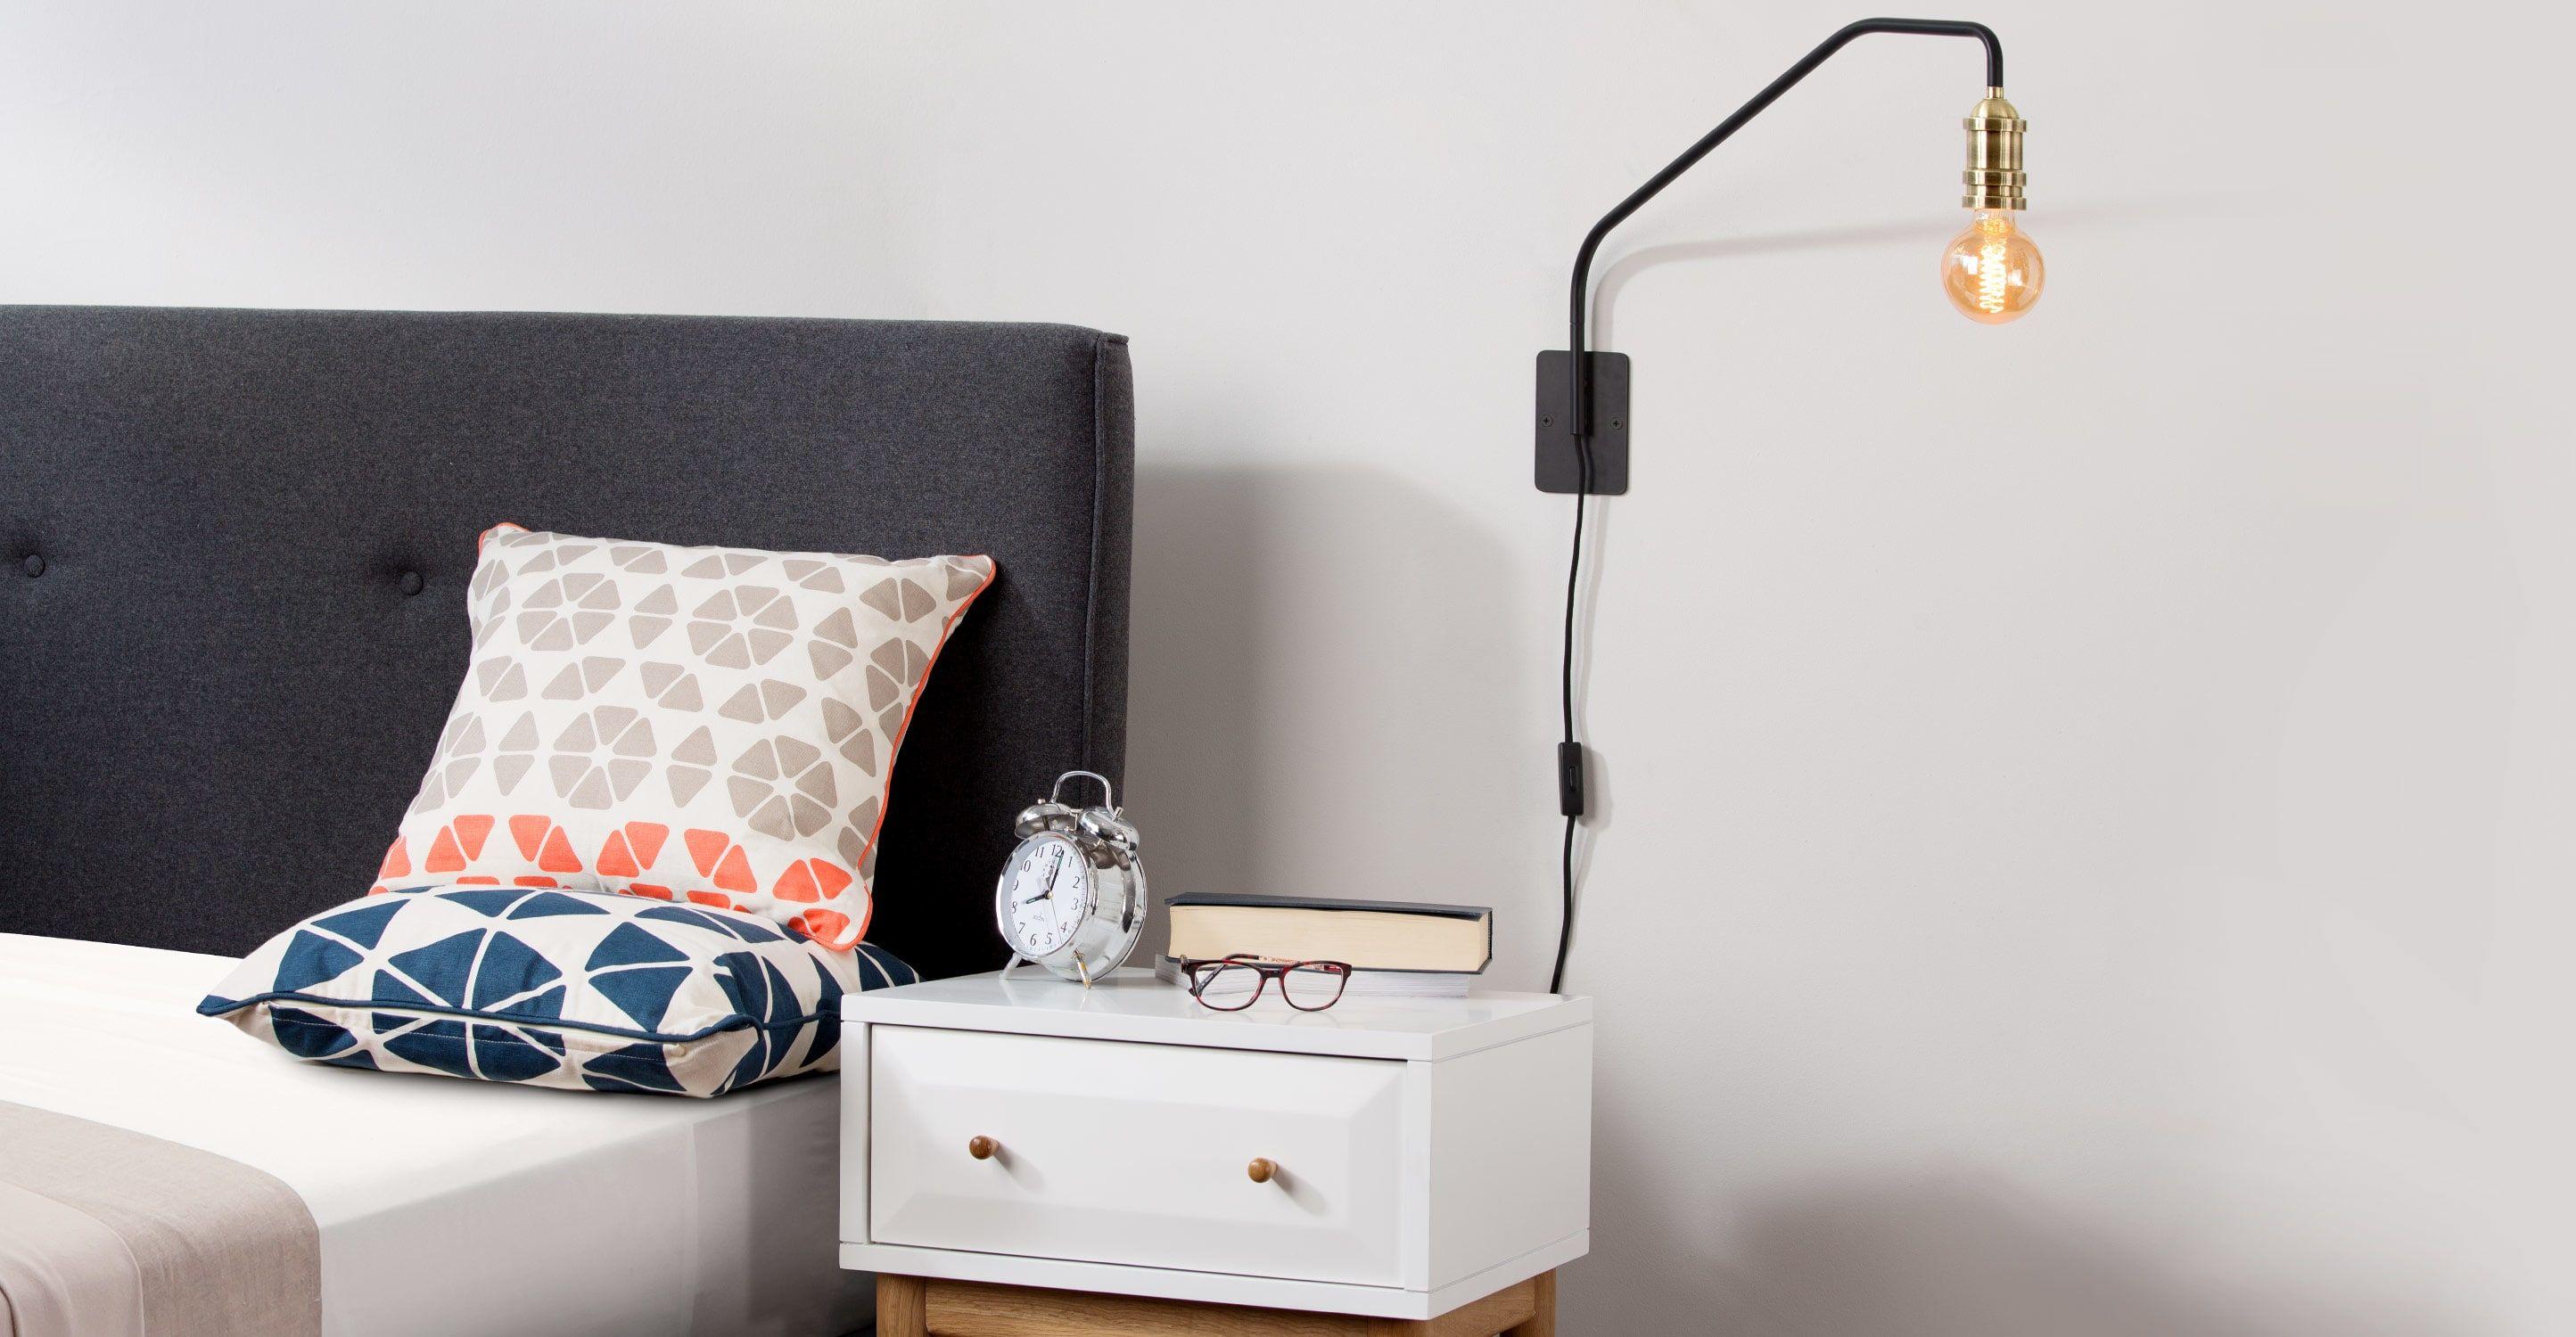 Starkey Wandleuchte, Schwarz und Messing | Lampe | Pinterest | Bedrooms